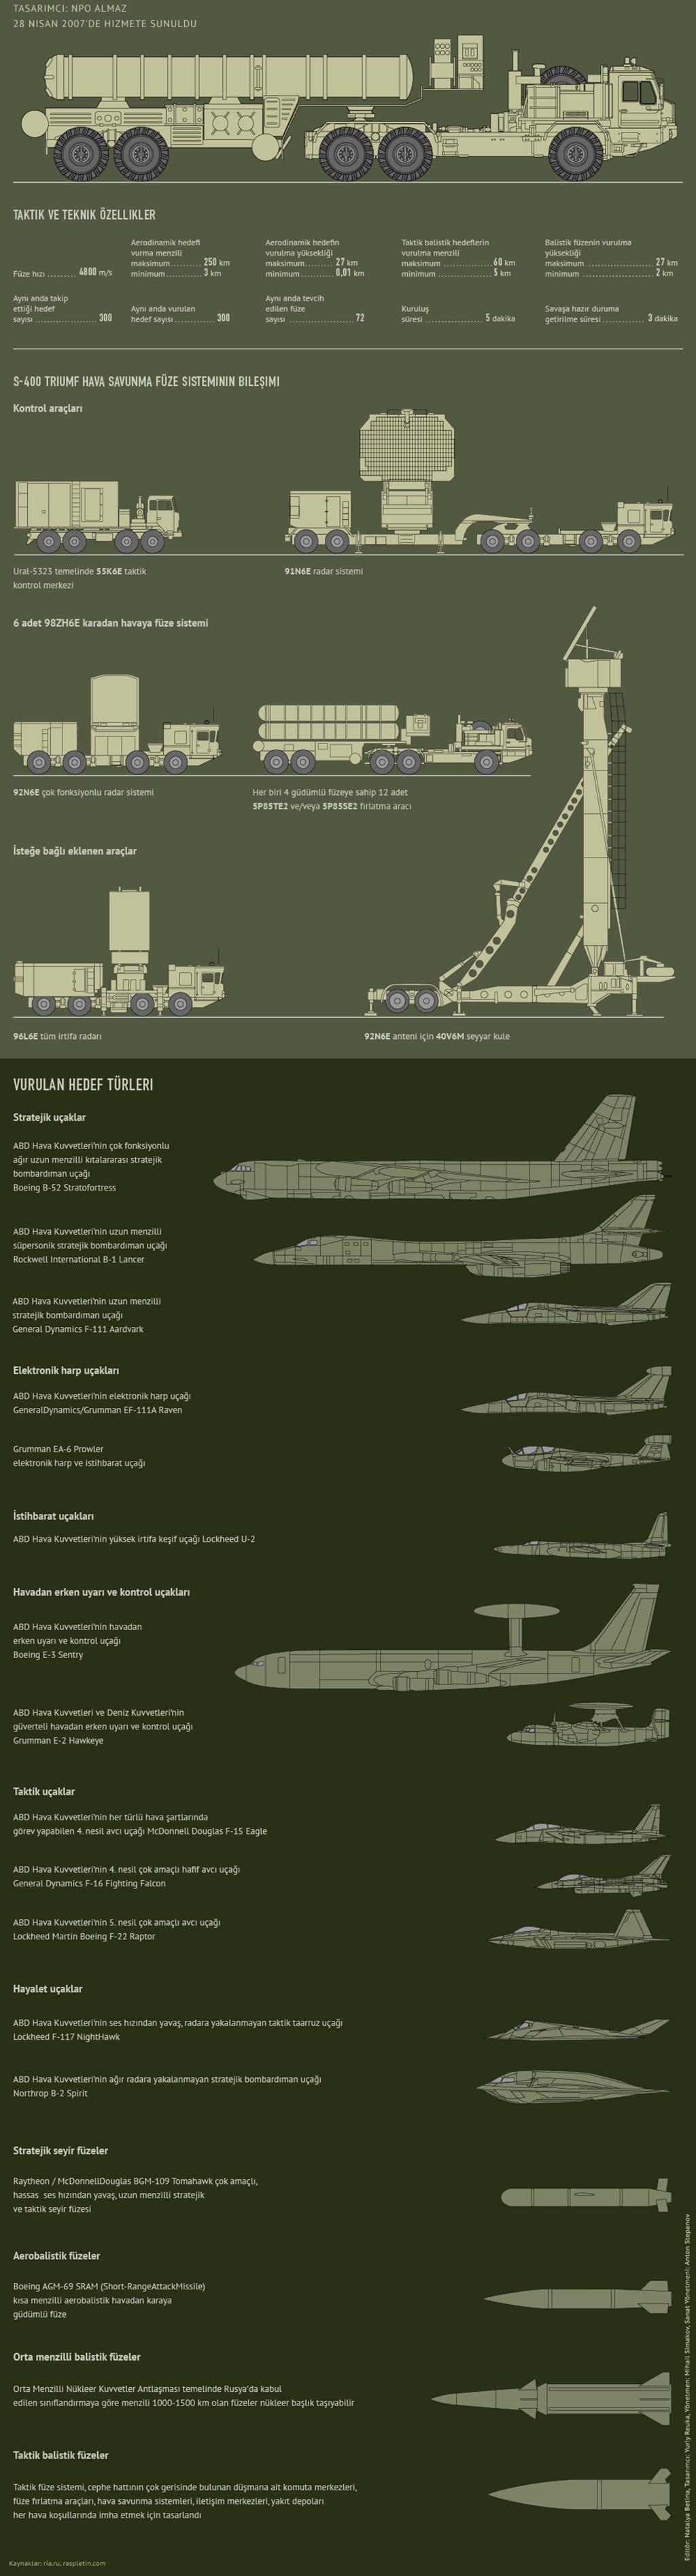 S-400 Triumf Seyyar Çok Kanallı Hava Savunma Sistemi